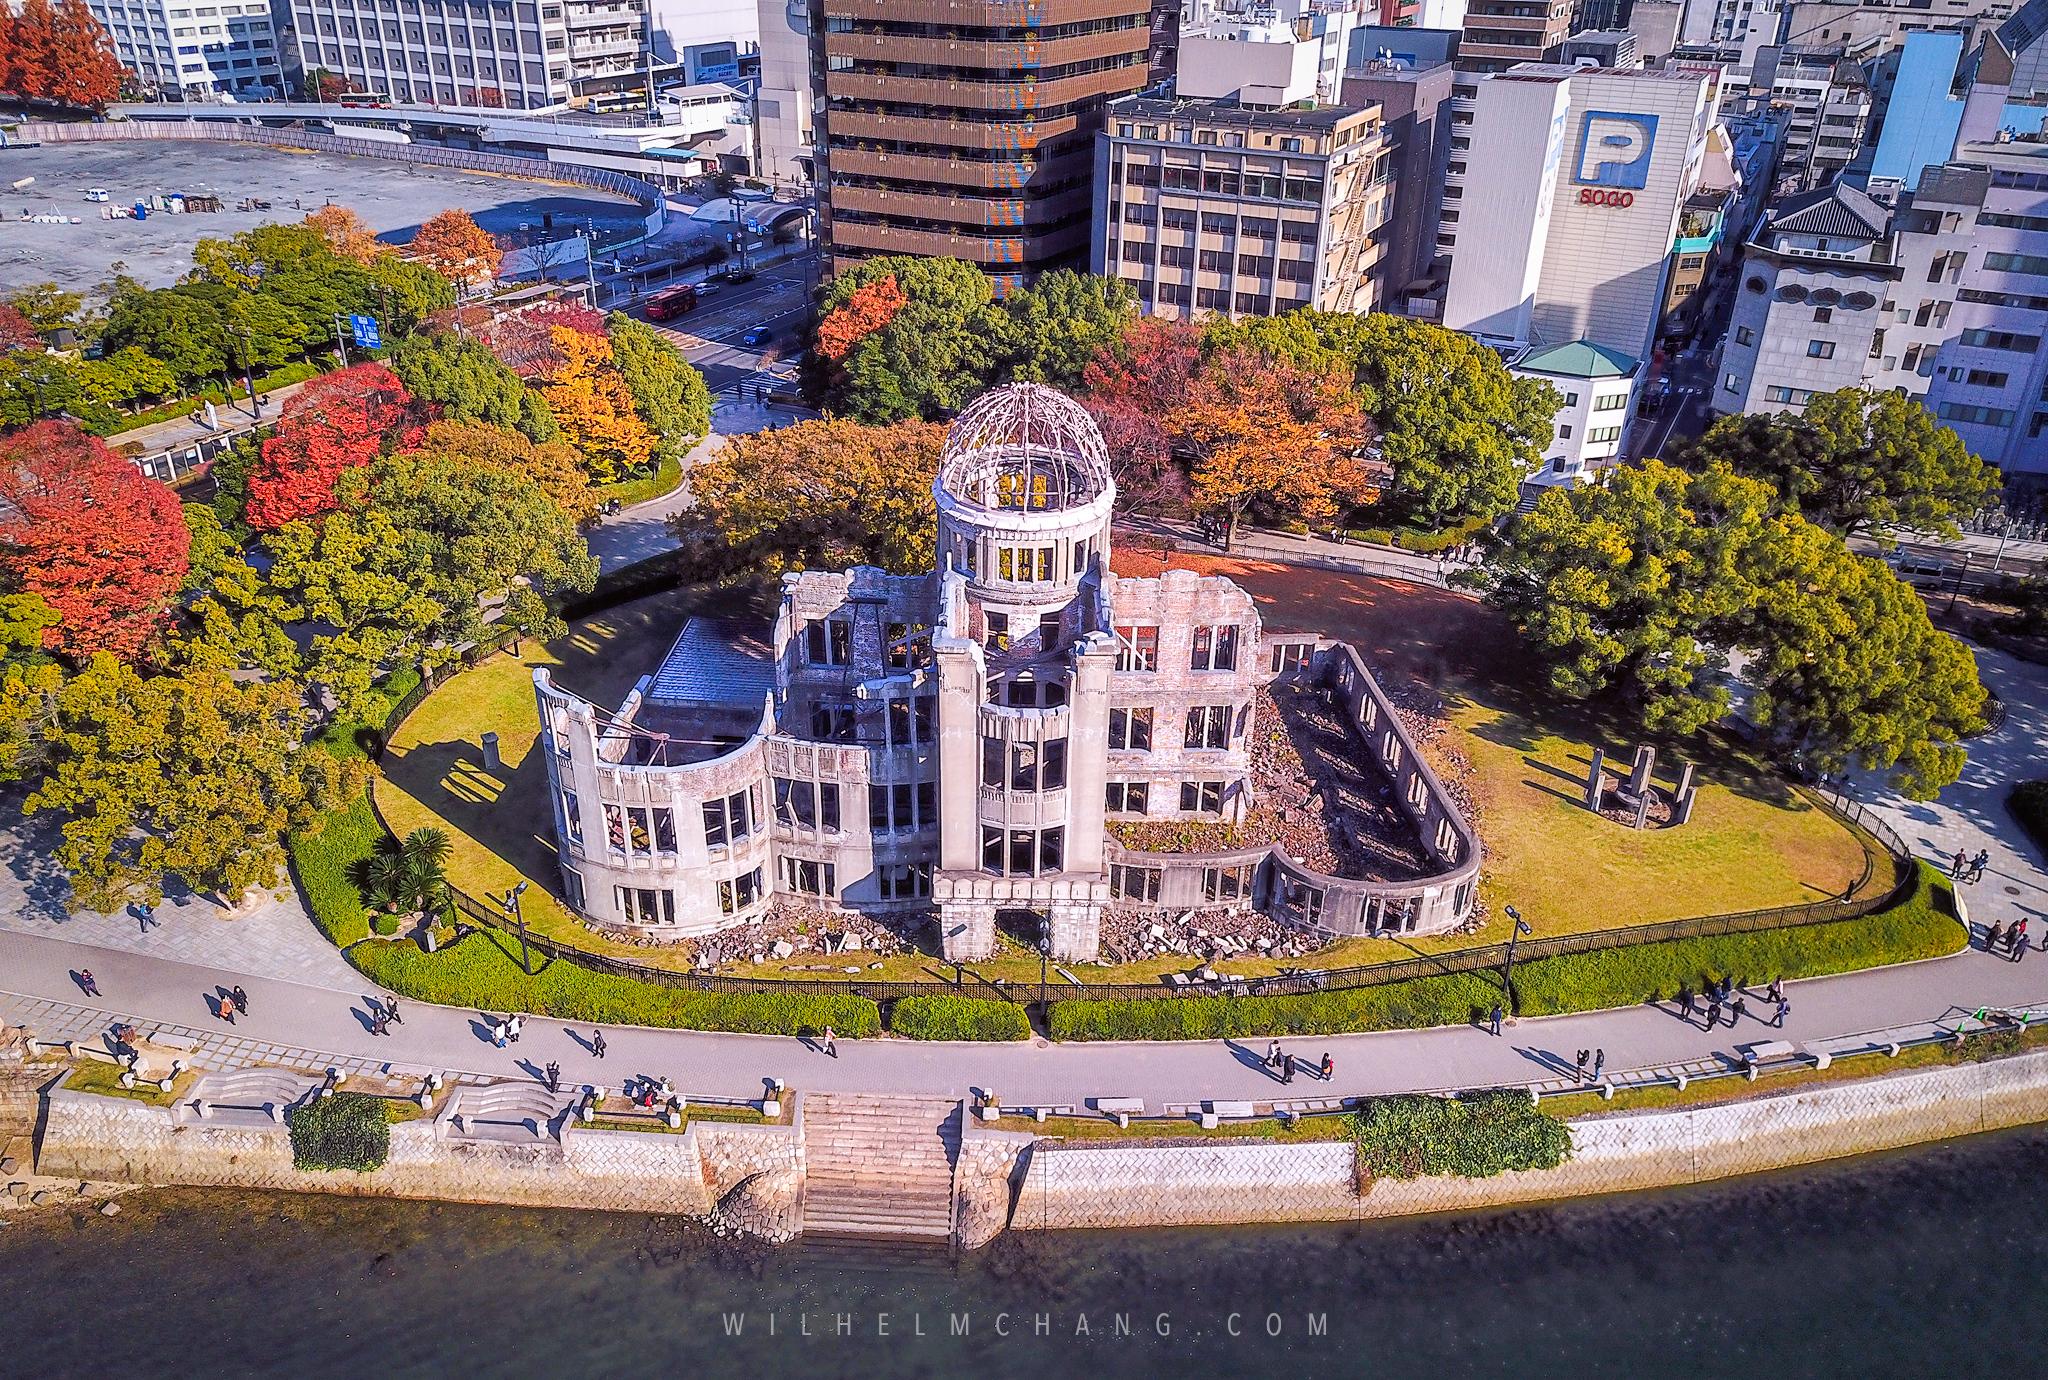 到廣島攝影 日本三景嚴島神社 原爆圓頂 by Wilhelm Chang